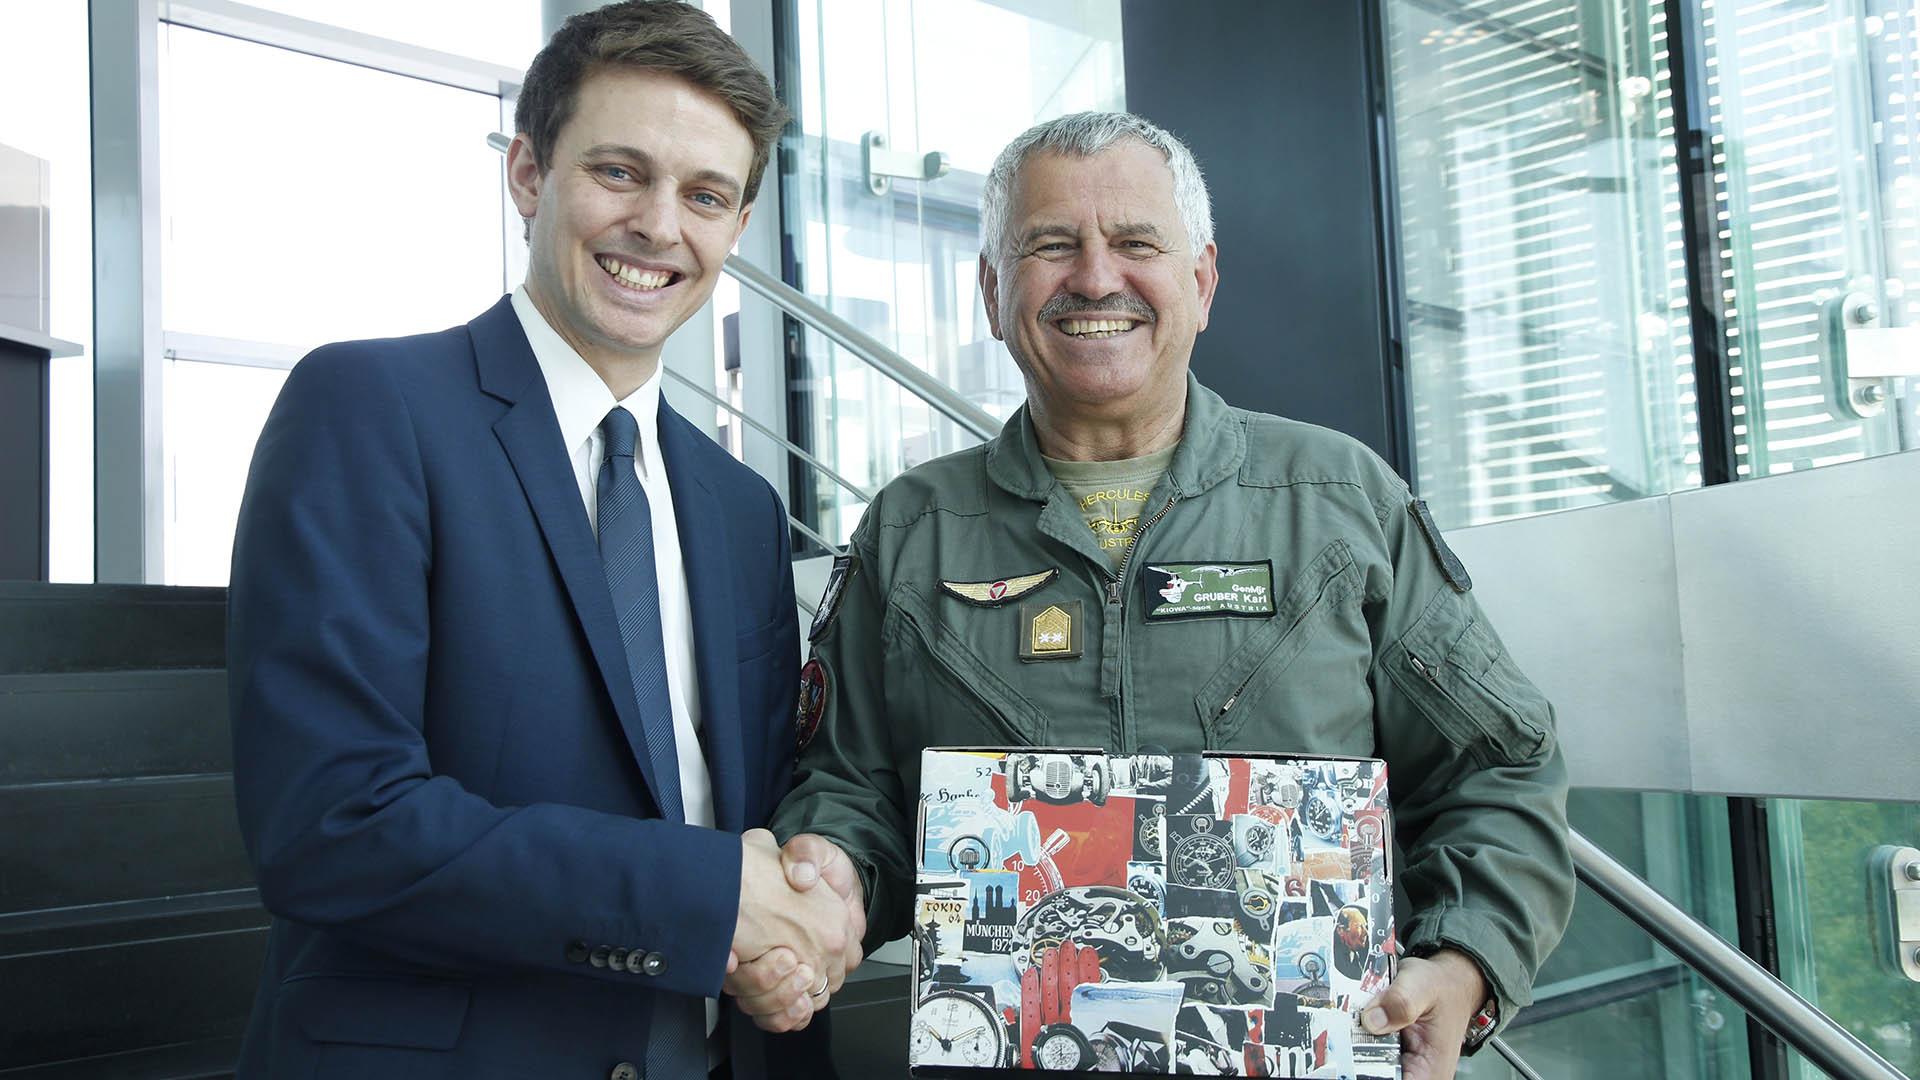 Felix Wallner (Hanhart) und Generalmajor Karl Gruber bei der Übergabe der Uhr mit der Nummer 1.